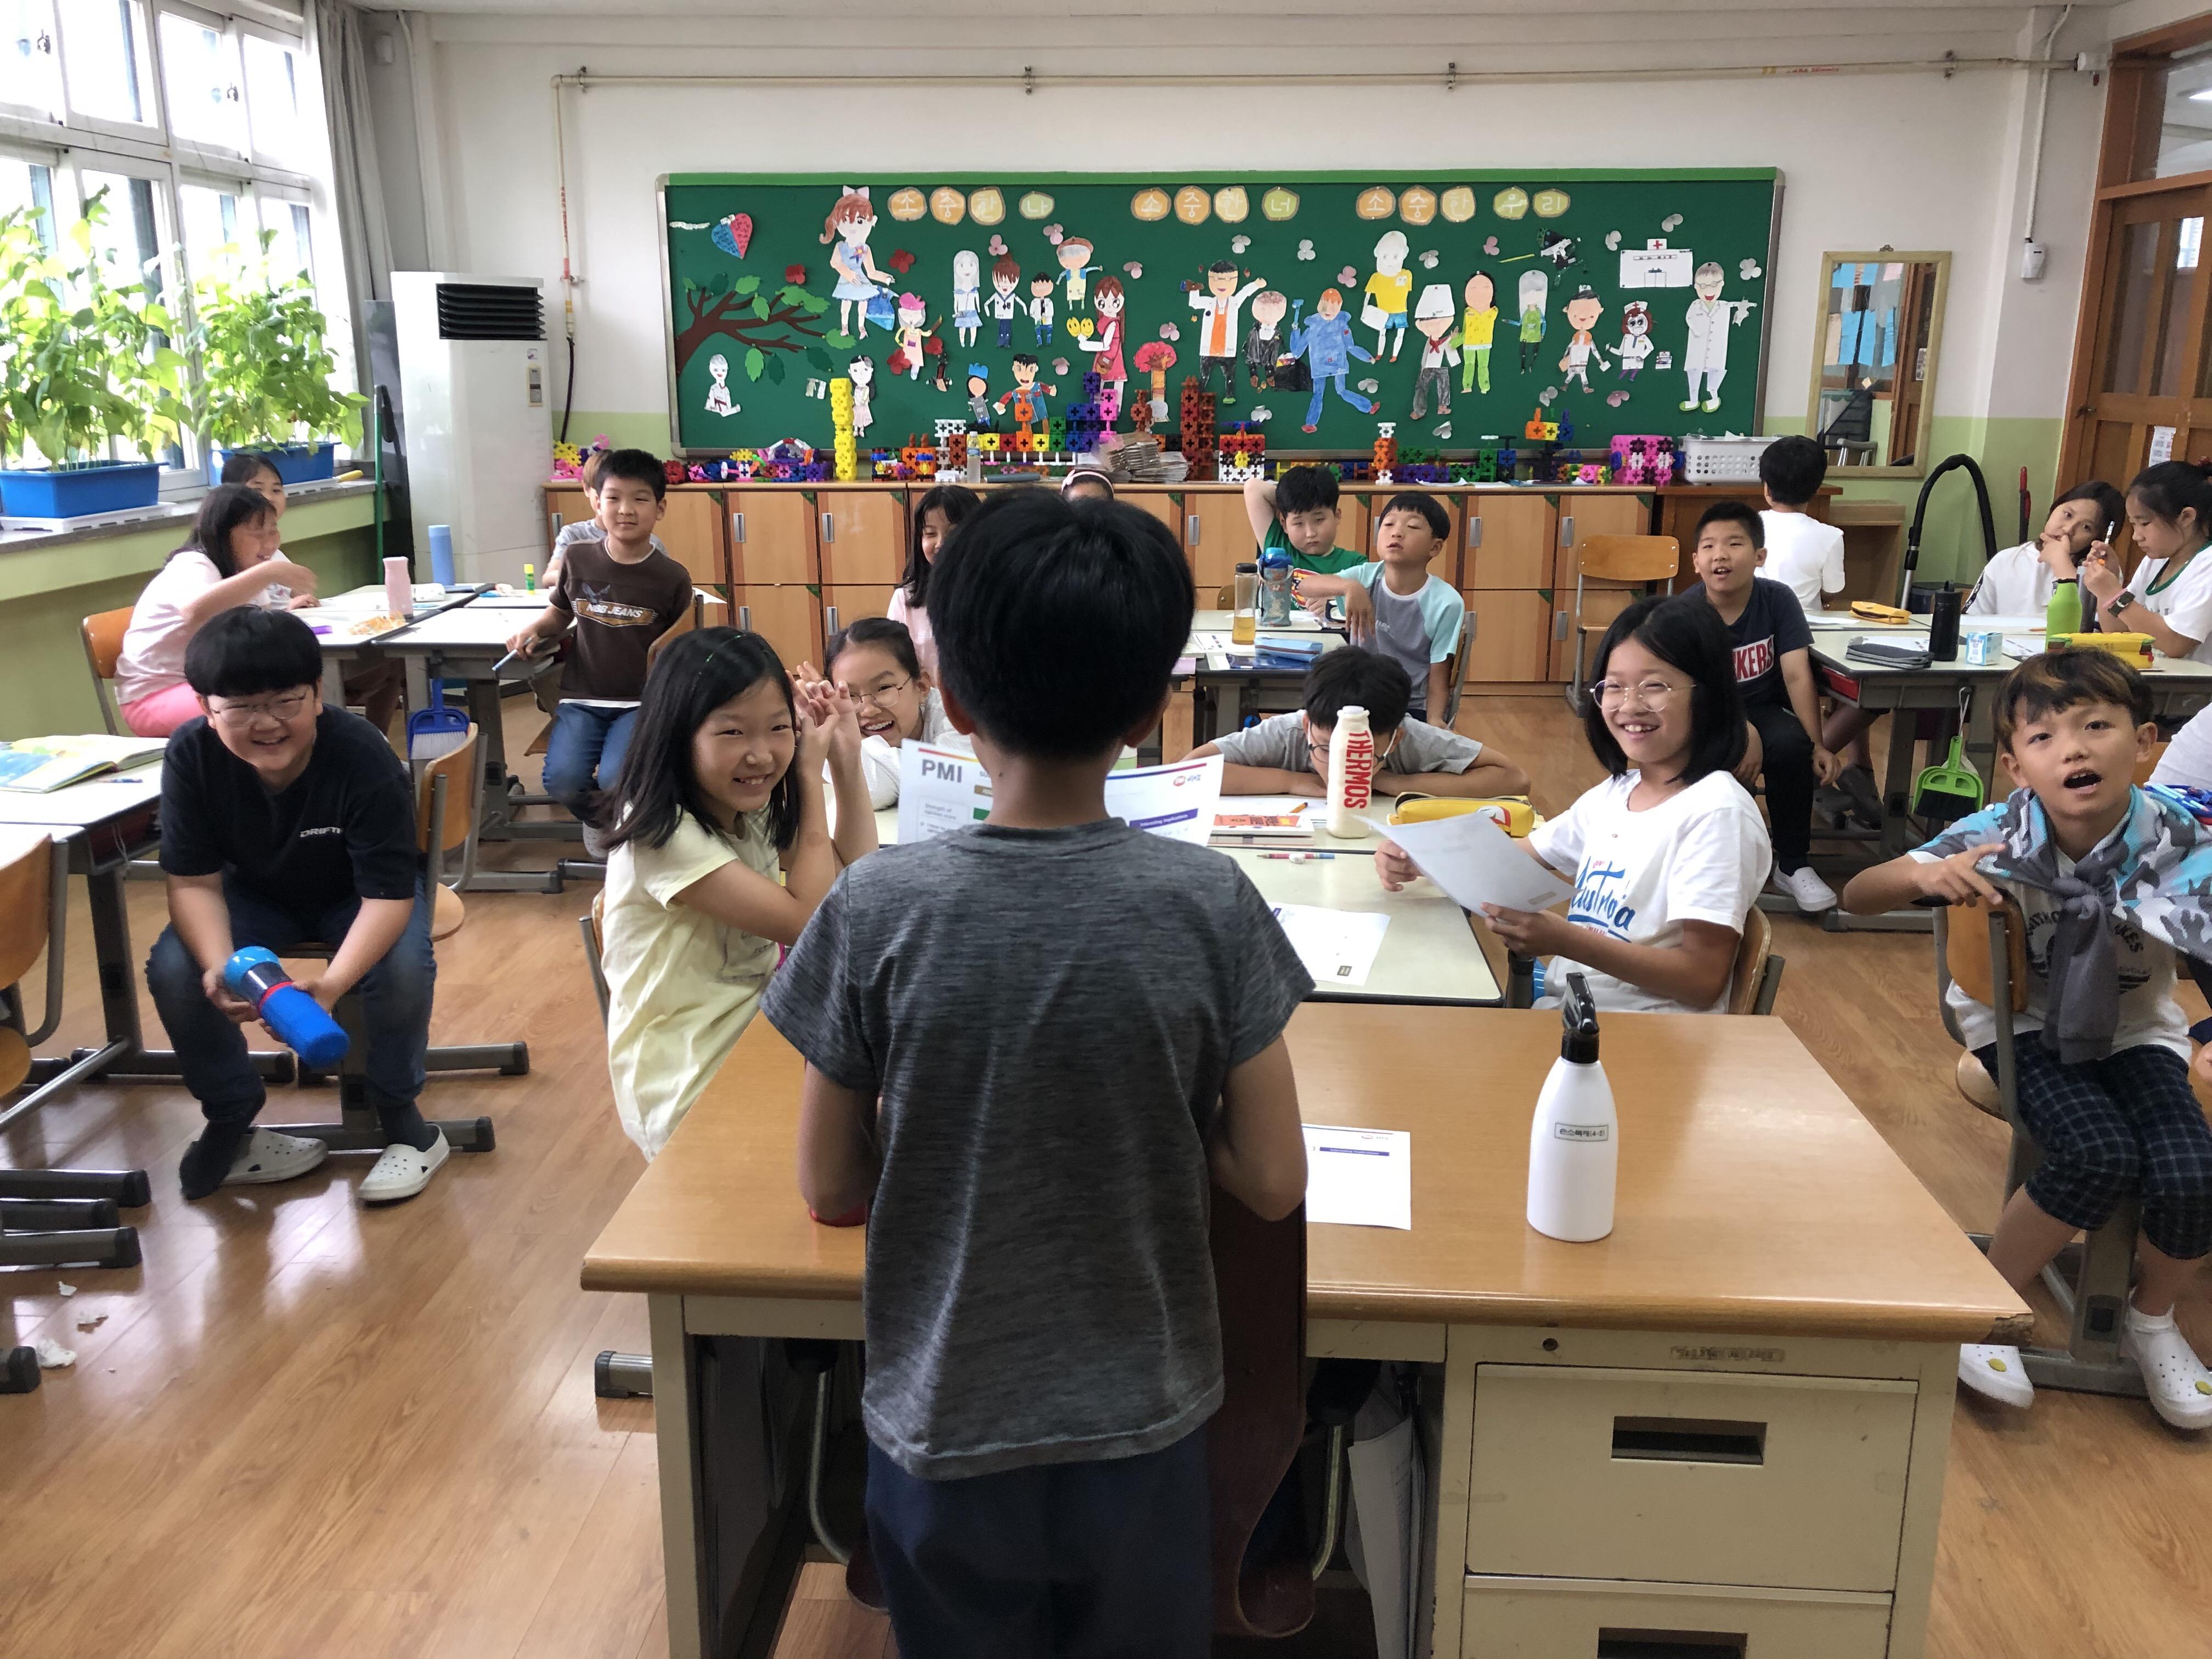 녹번초등학교 학생들의 공유경제 체험기